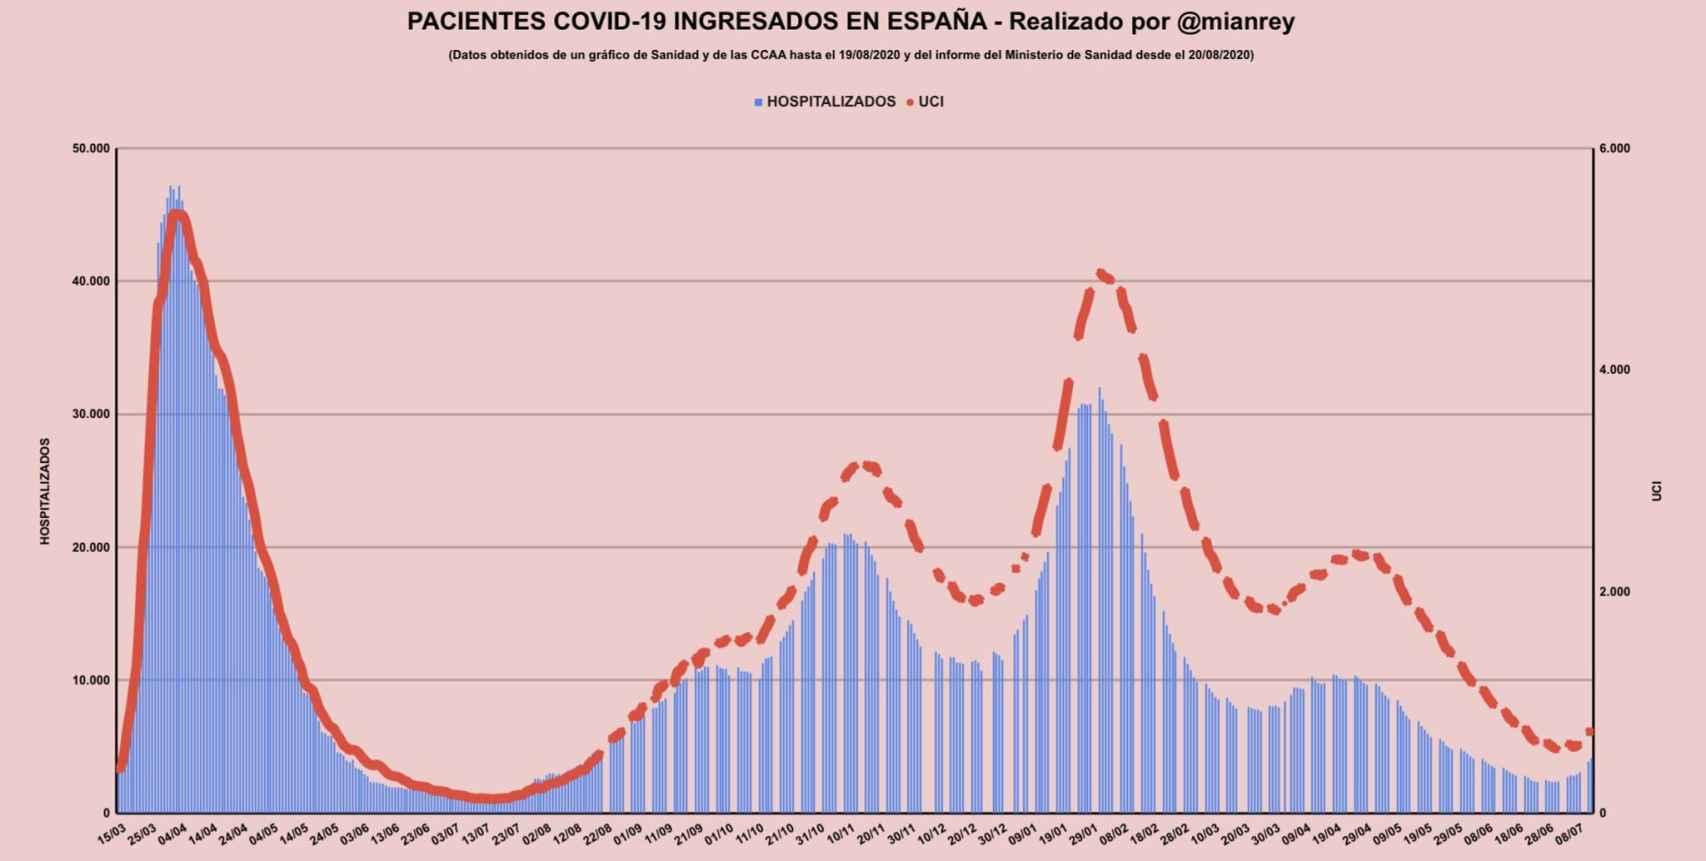 Evolución de hospitalizados en España desde inicio de la pandemia.